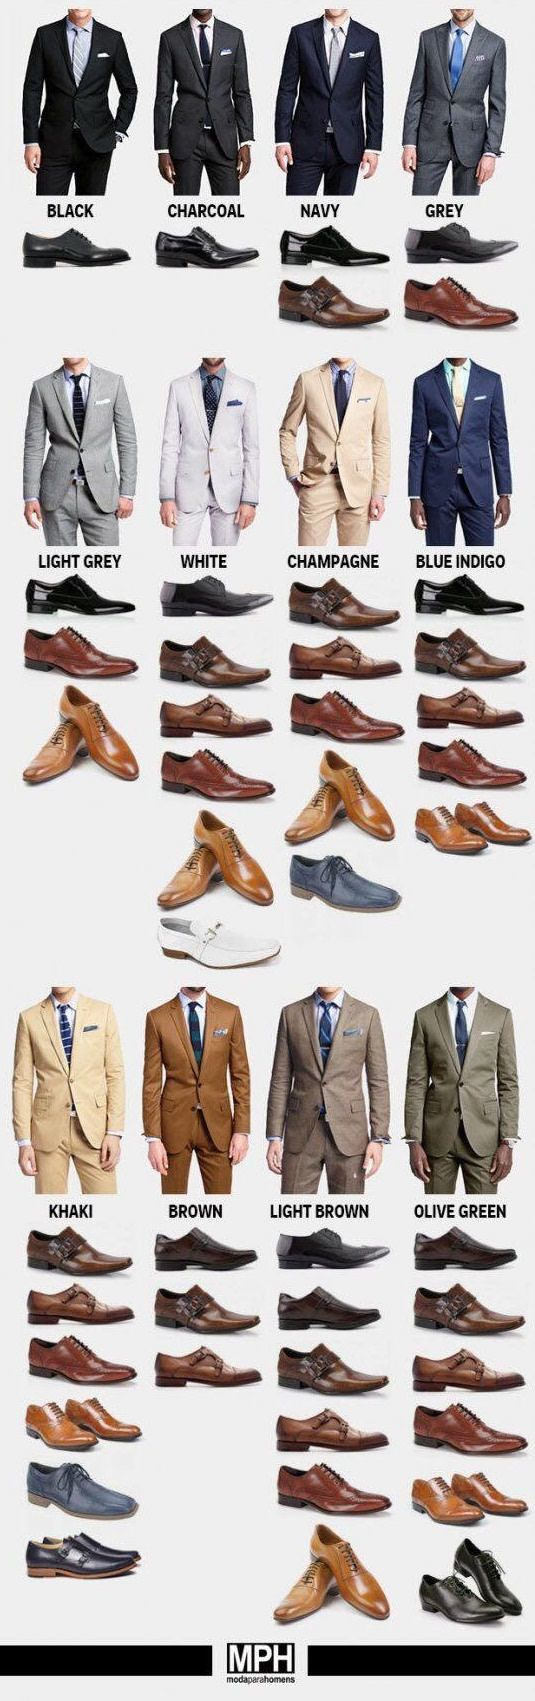 23 Geheimnisse für den perfekten Anzug, über die niemand spricht #thingstowear